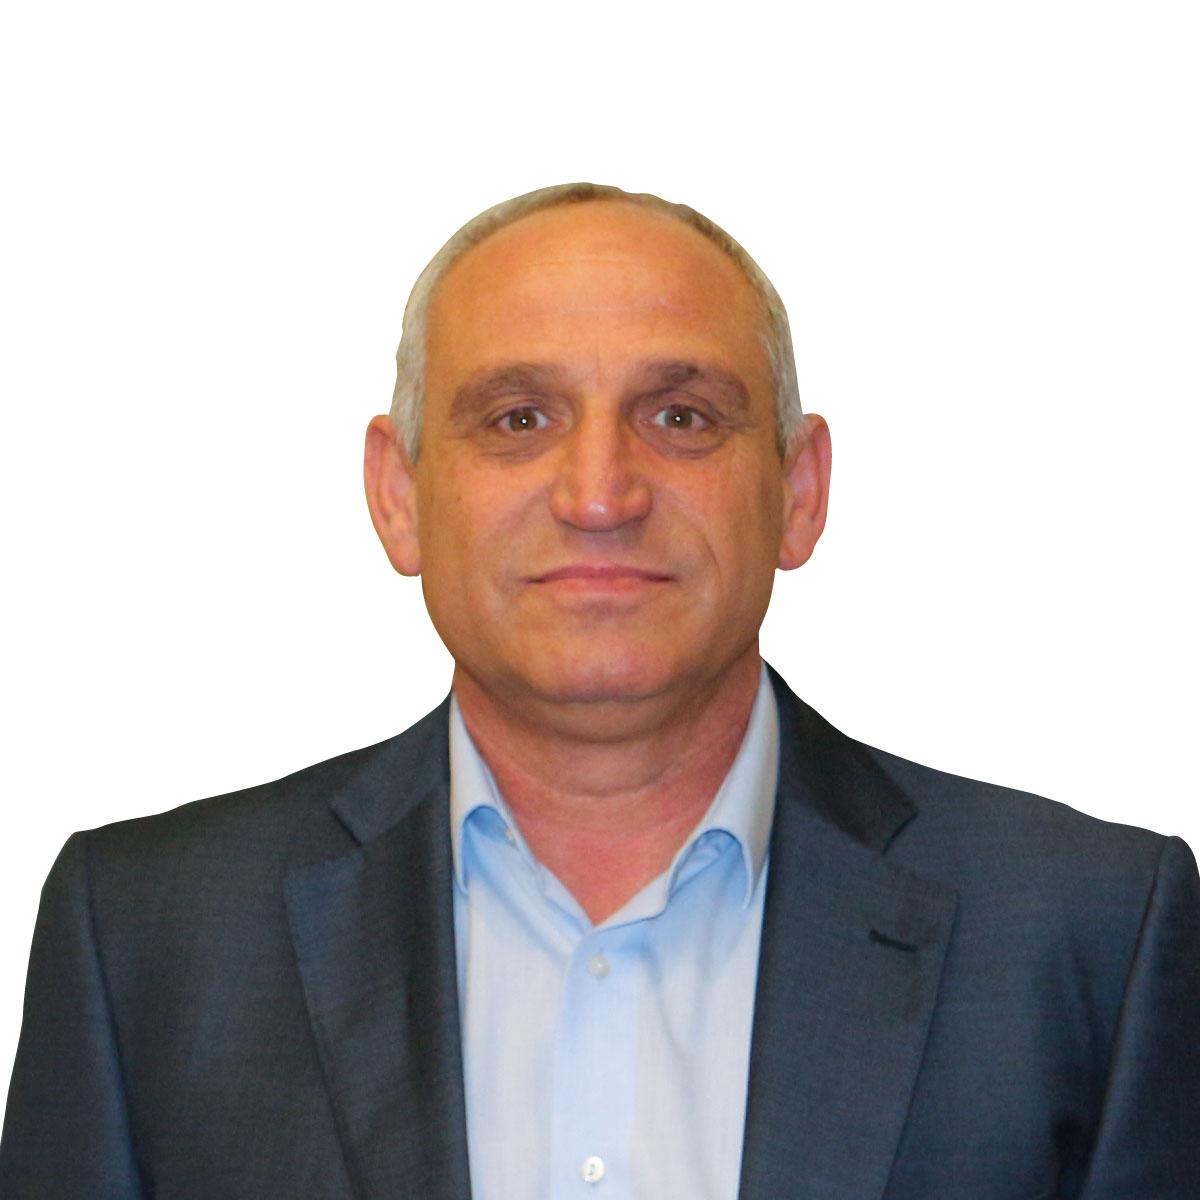 Mauro-Calzola